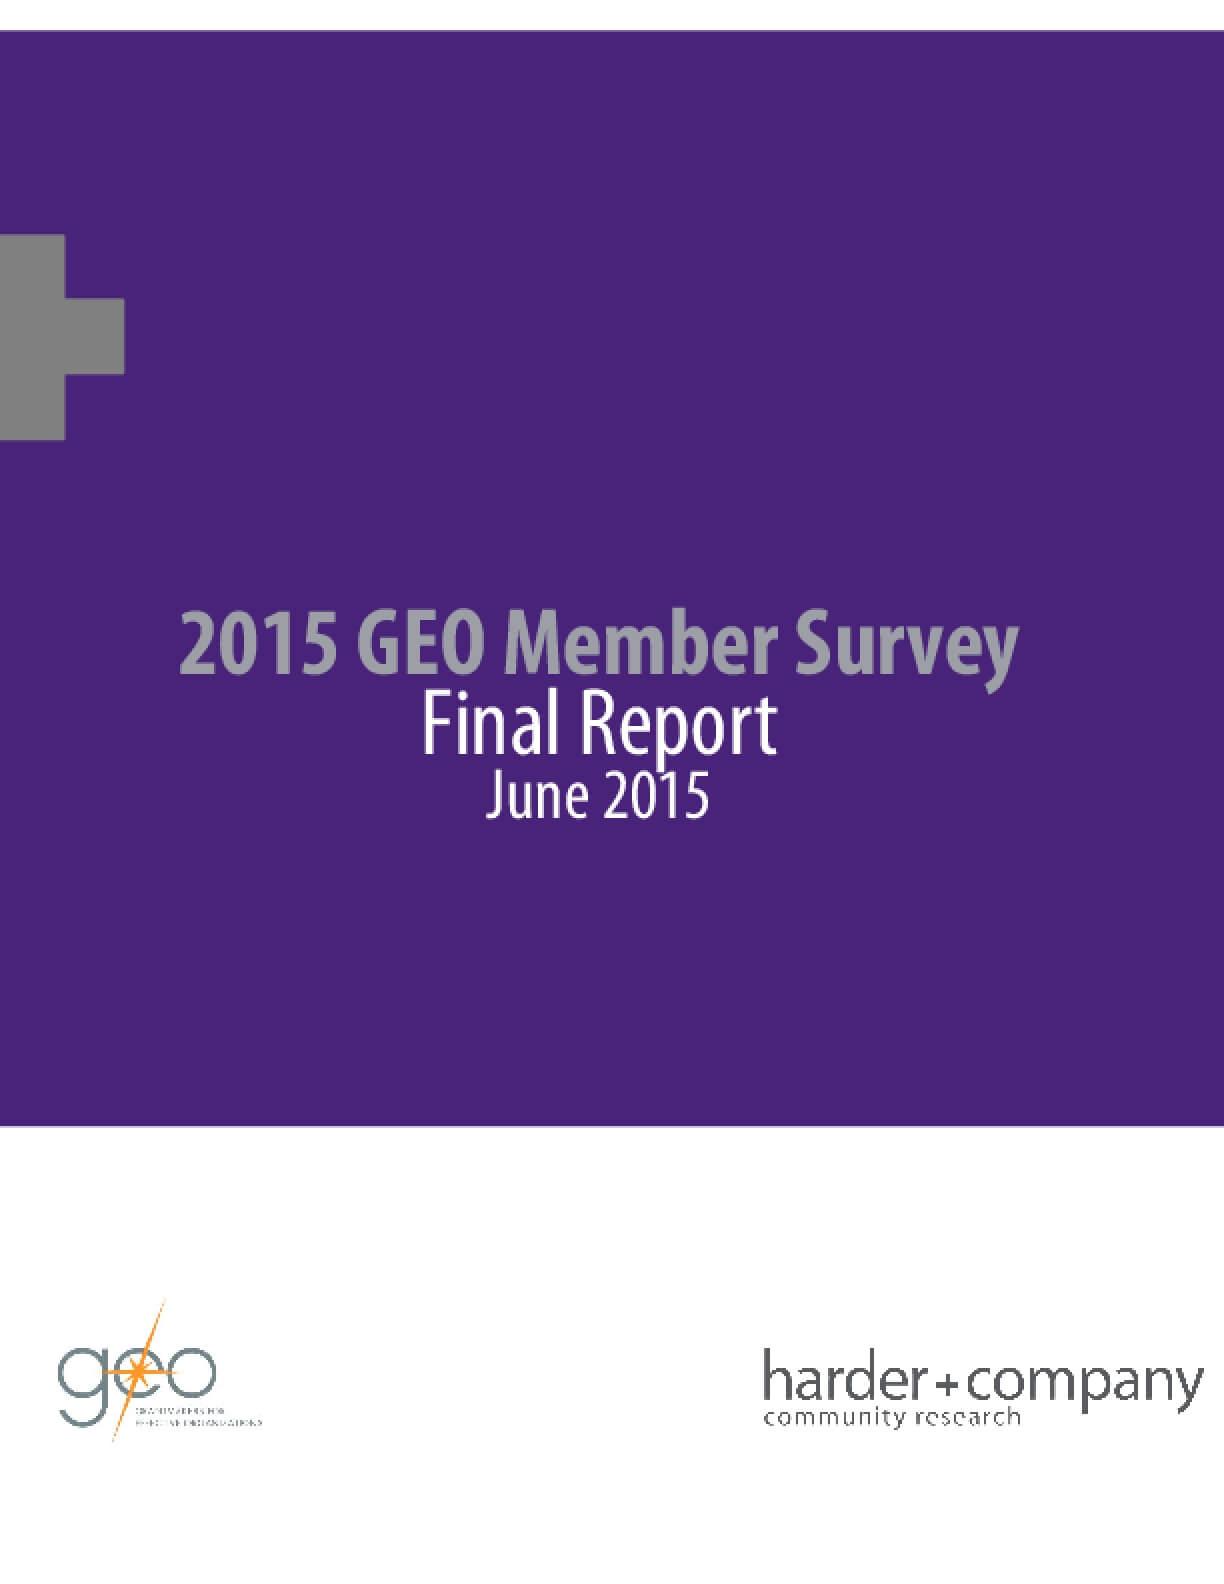 2015 GEO Member Survey Final Report